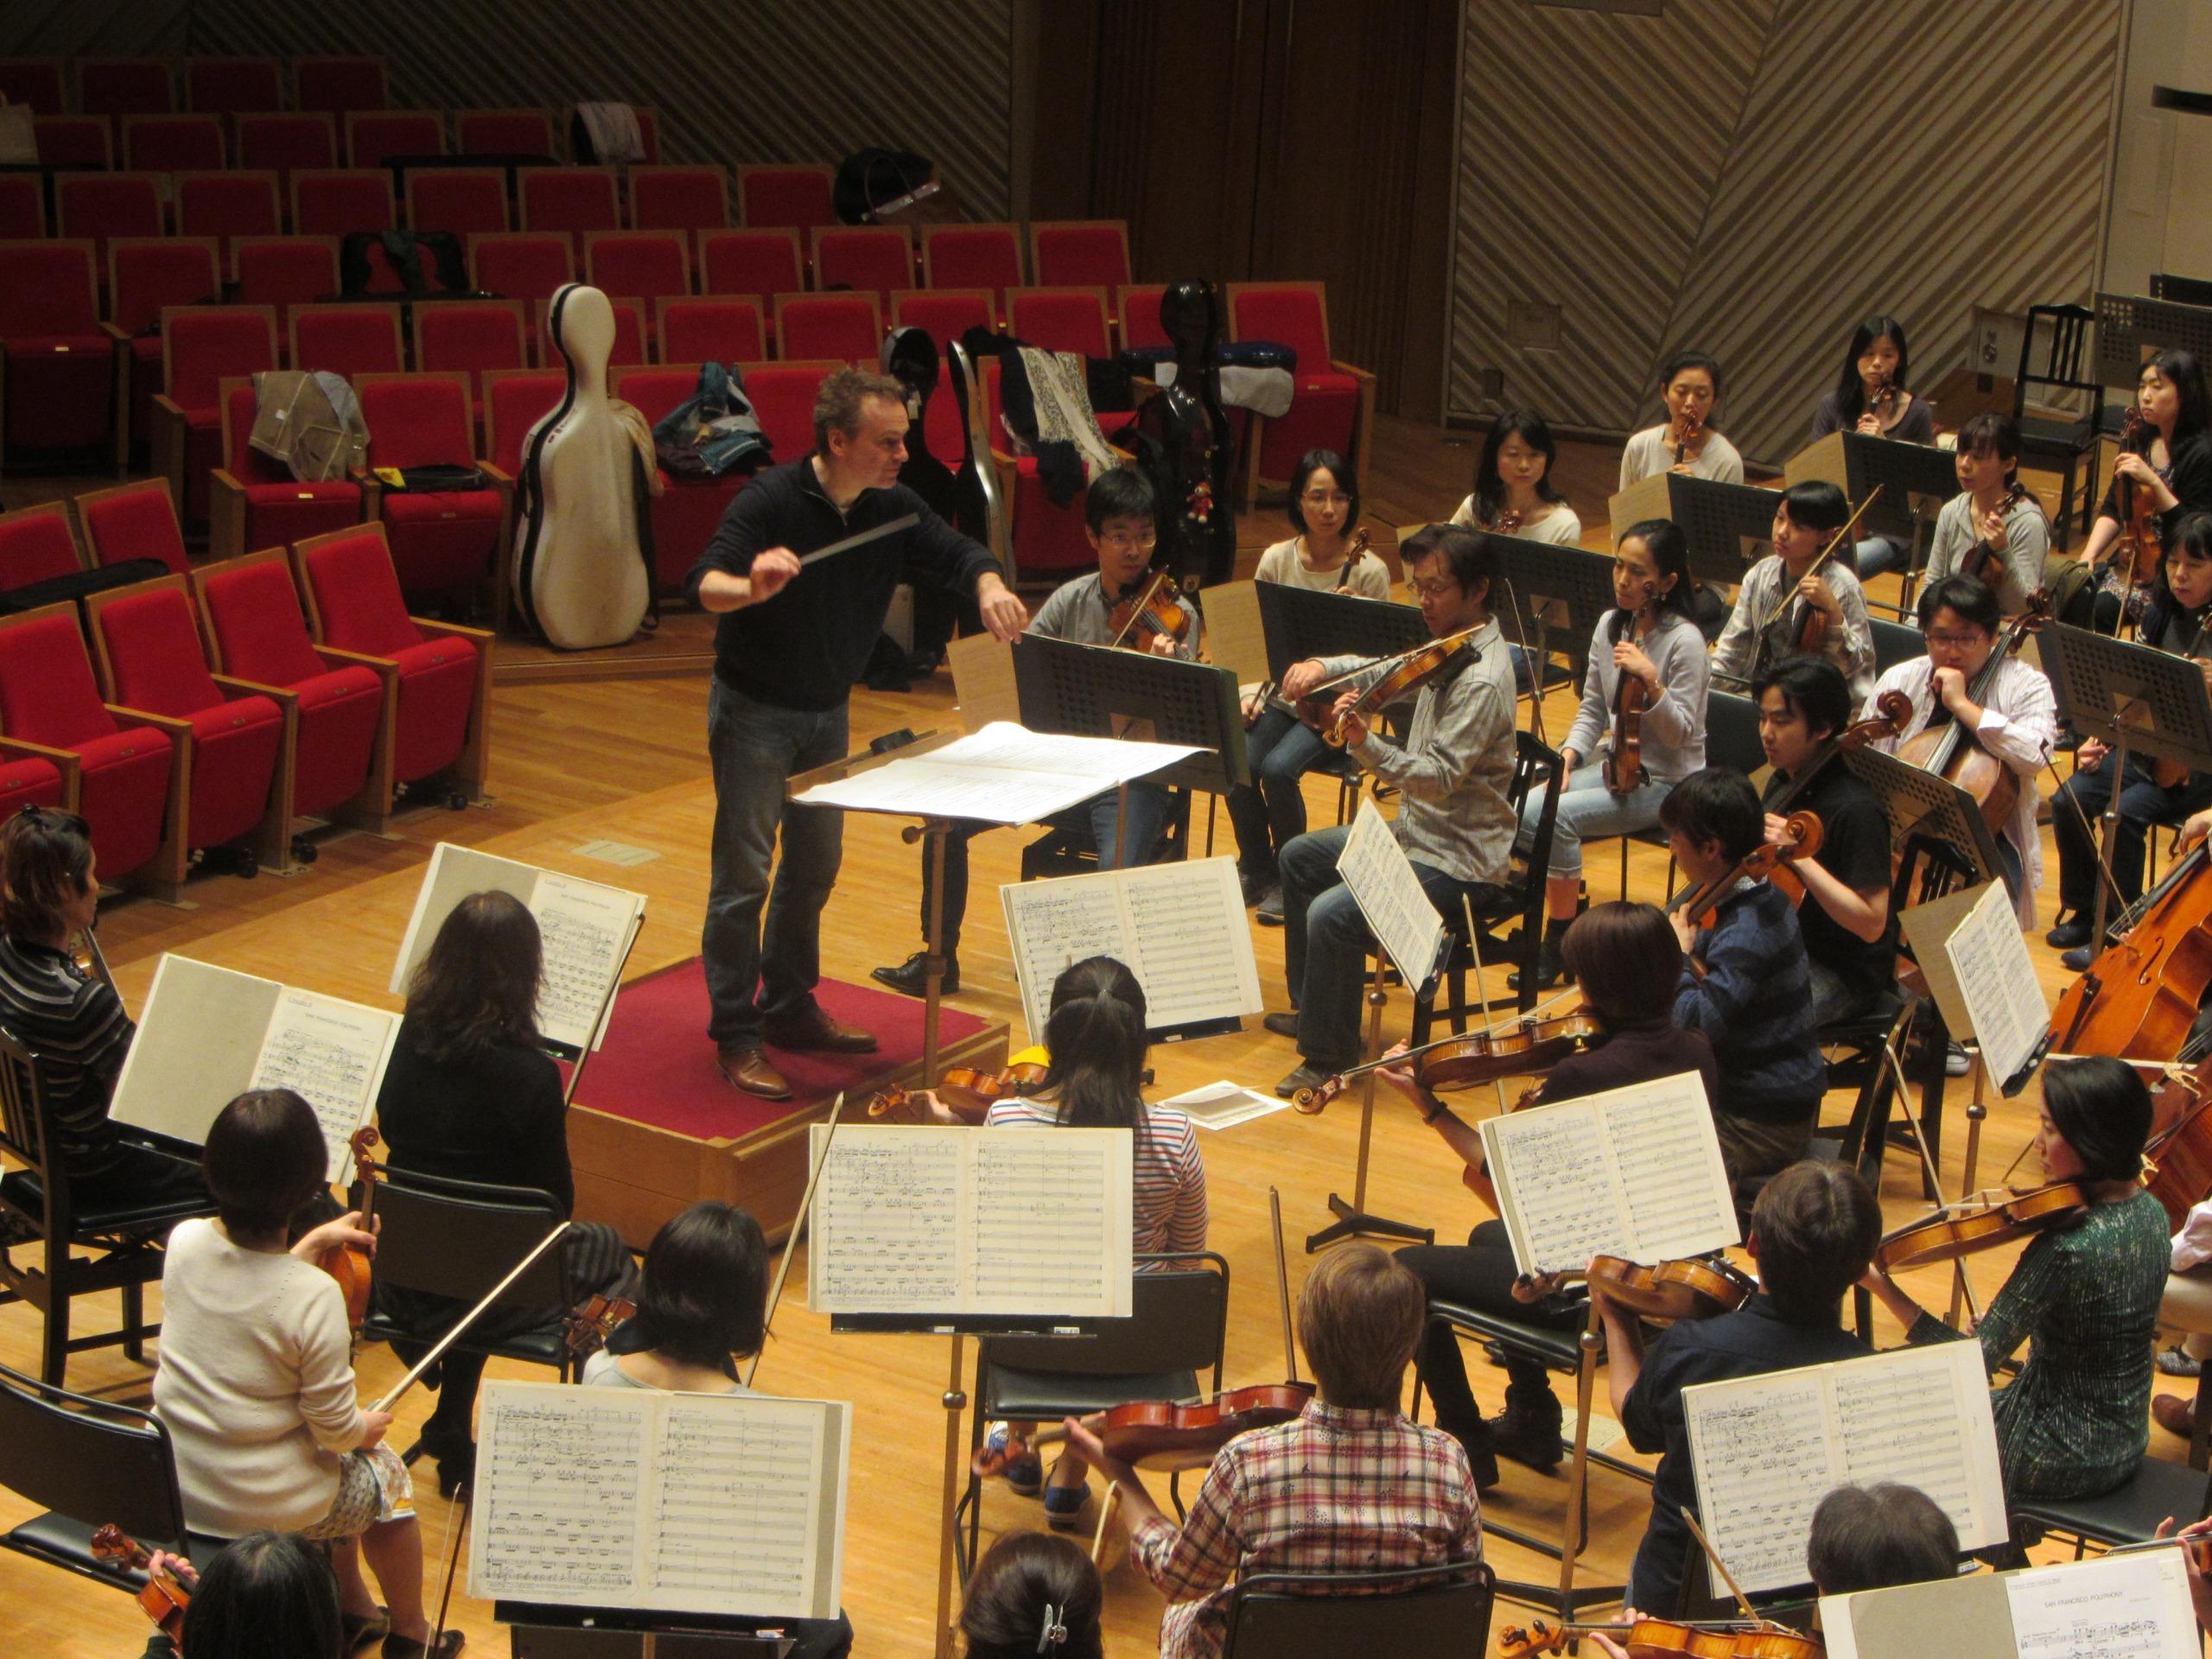 念願のリゲティ作品を振るノットはいかにも楽しそうだ (提供:東京交響楽団)